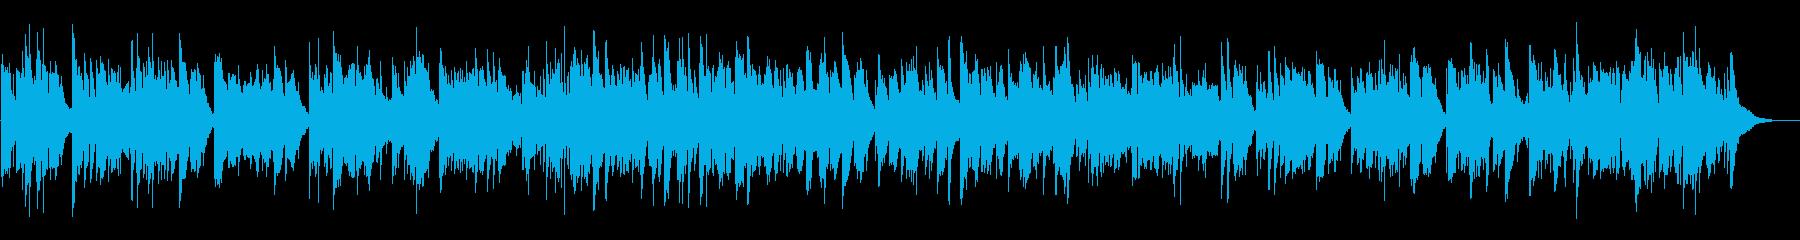 眠りに誘うハープのBGMの再生済みの波形